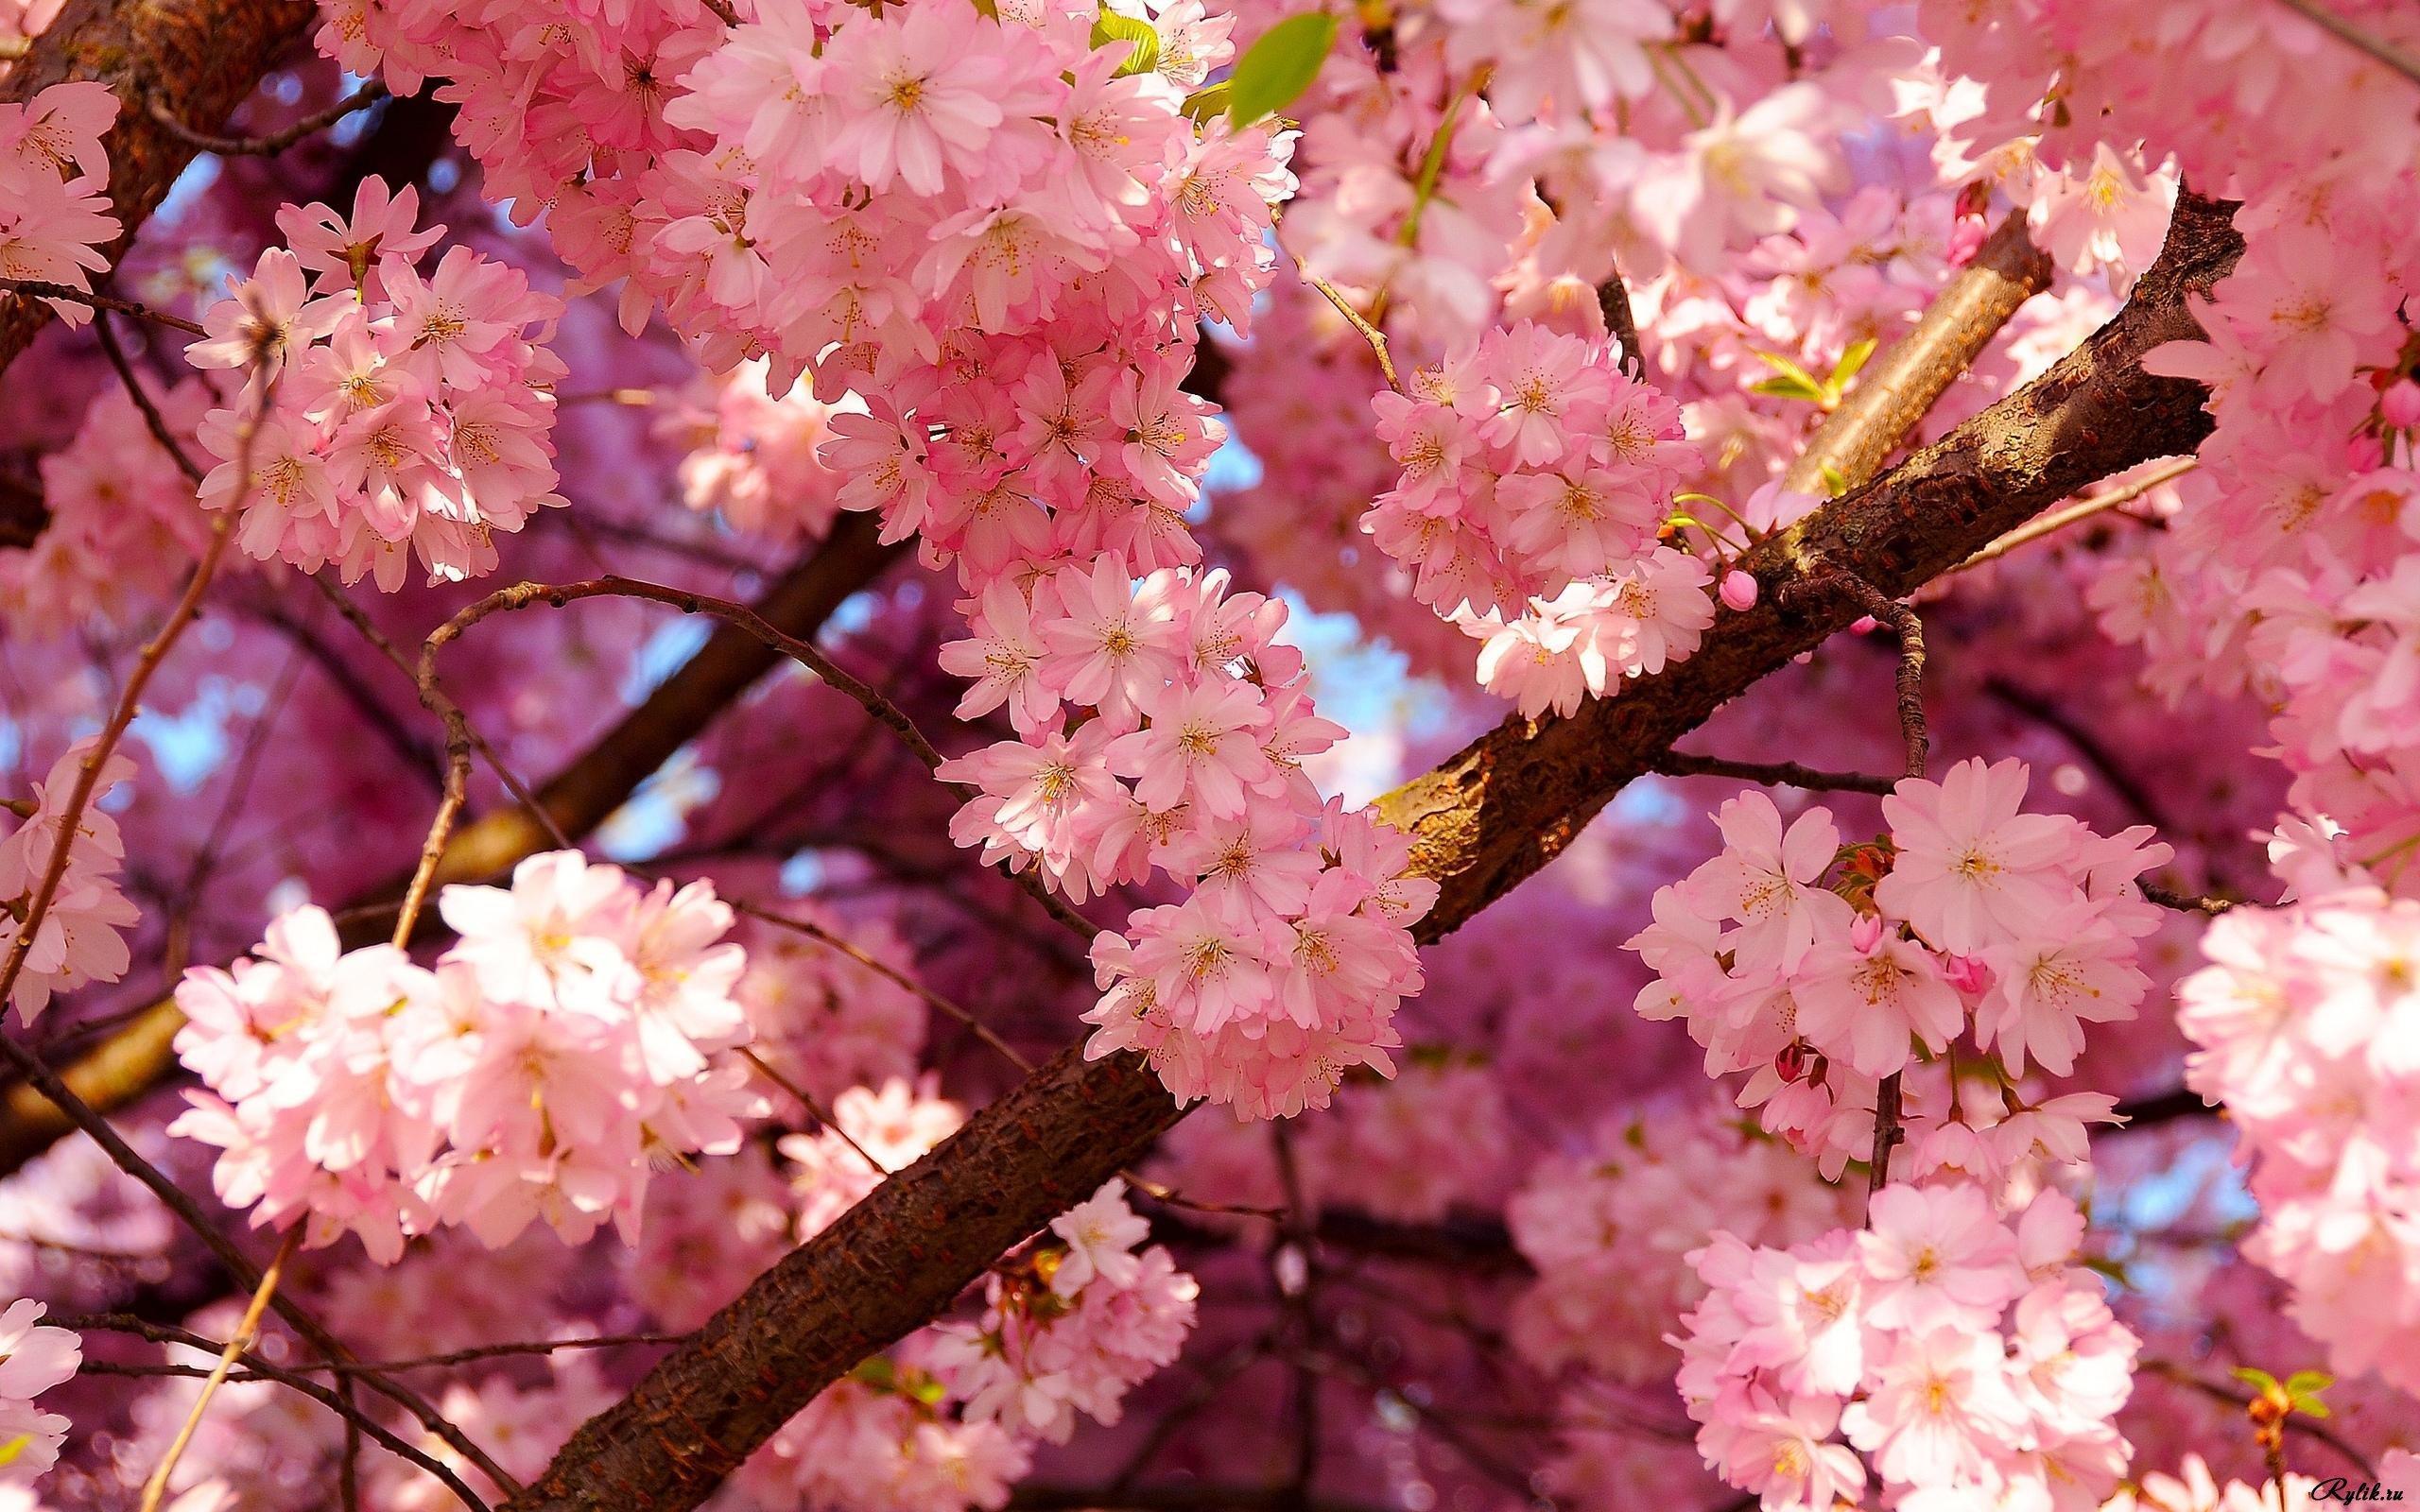 Картинки красивая весна на рабочий стол, прикольных открыток открытка